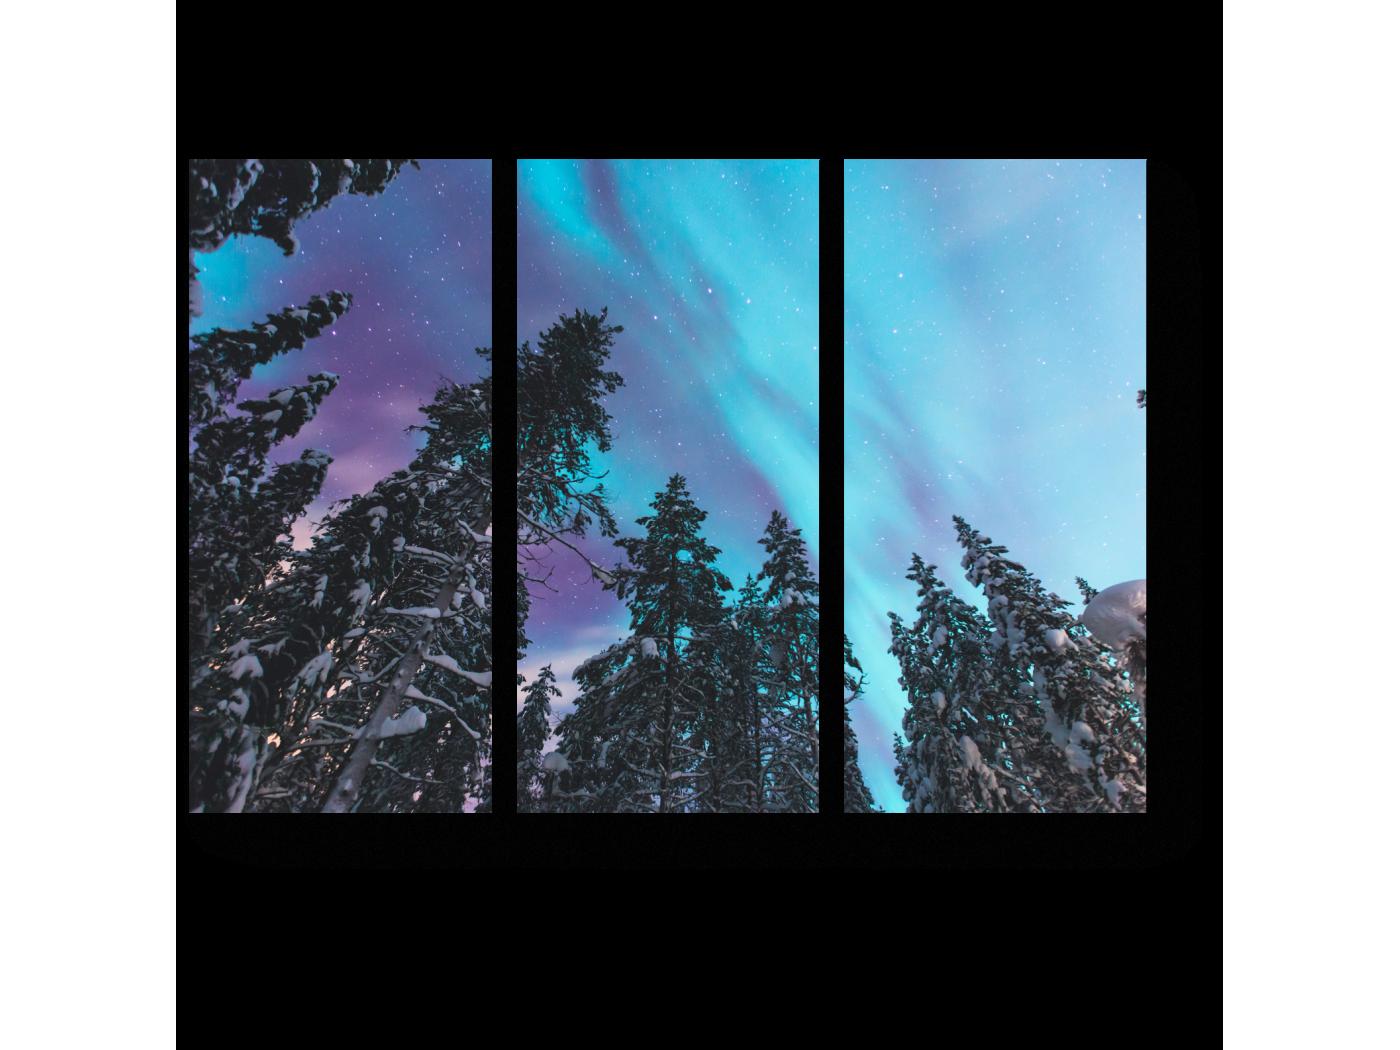 Модульная картина Посмотри, какое небо (60x43) фото